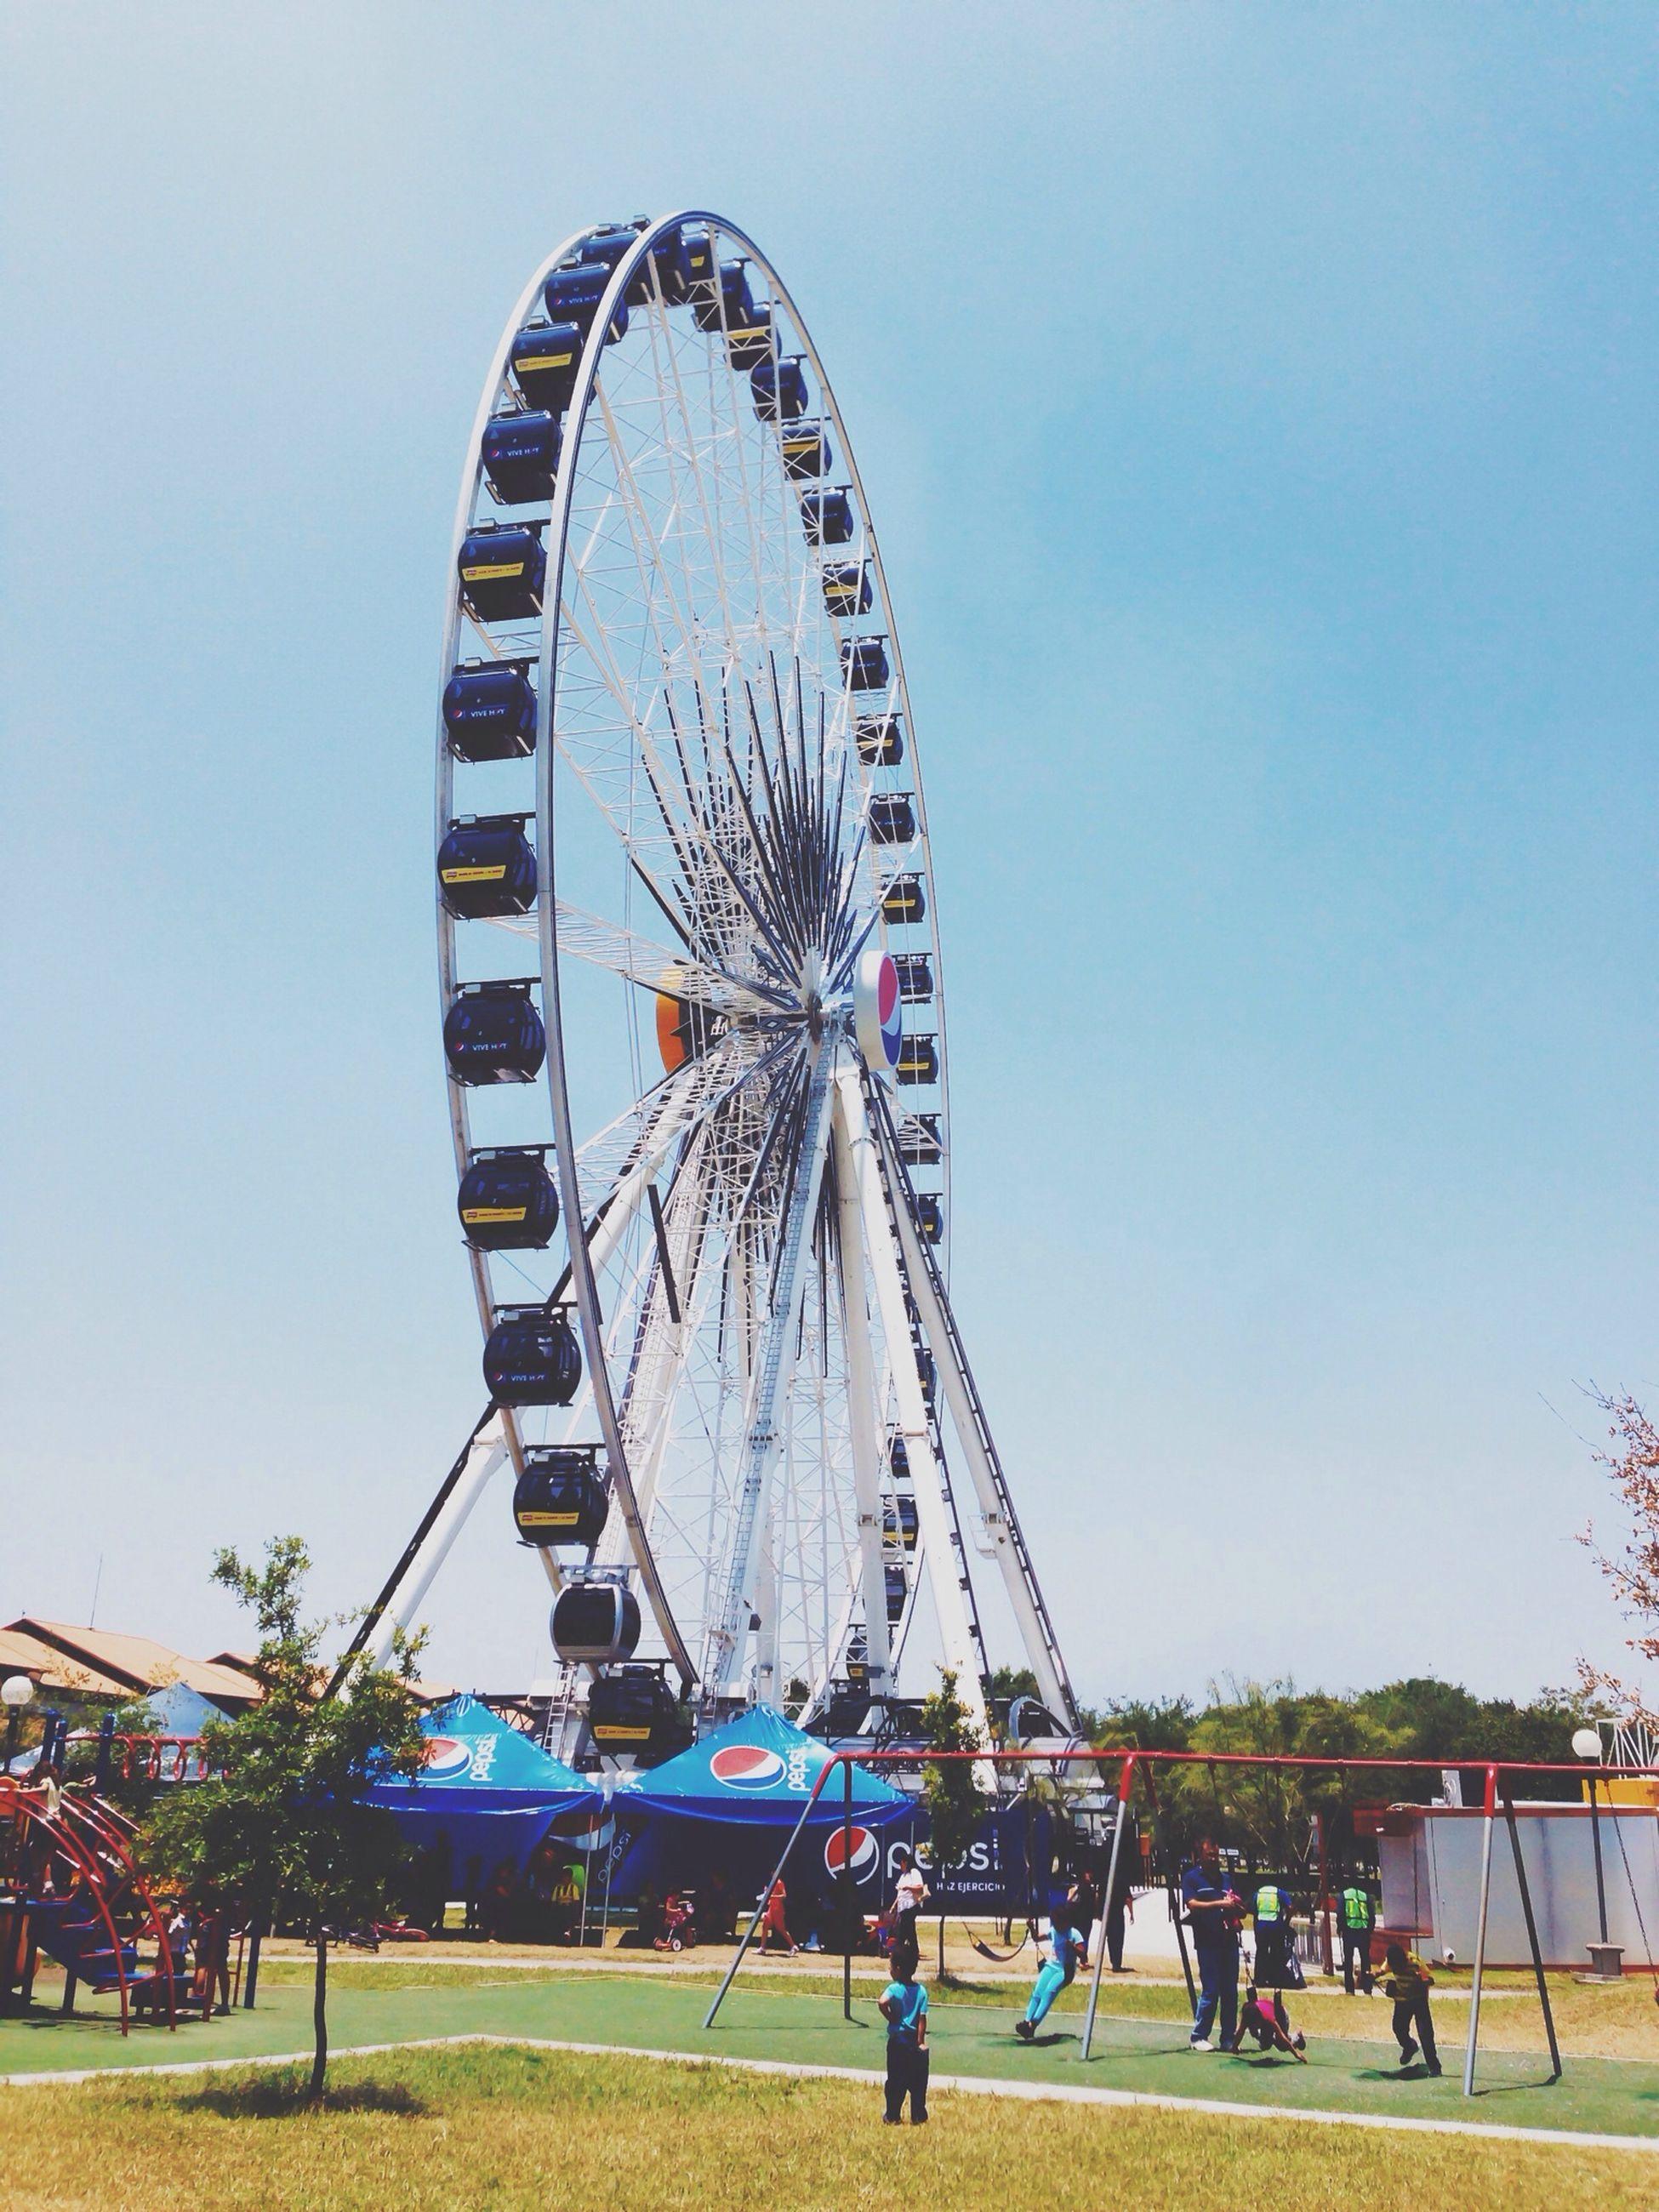 amusement park, amusement park ride, ferris wheel, arts culture and entertainment, leisure activity, large group of people, clear sky, men, lifestyles, fun, sky, person, travel, tourism, built structure, enjoyment, travel destinations, tree, transportation